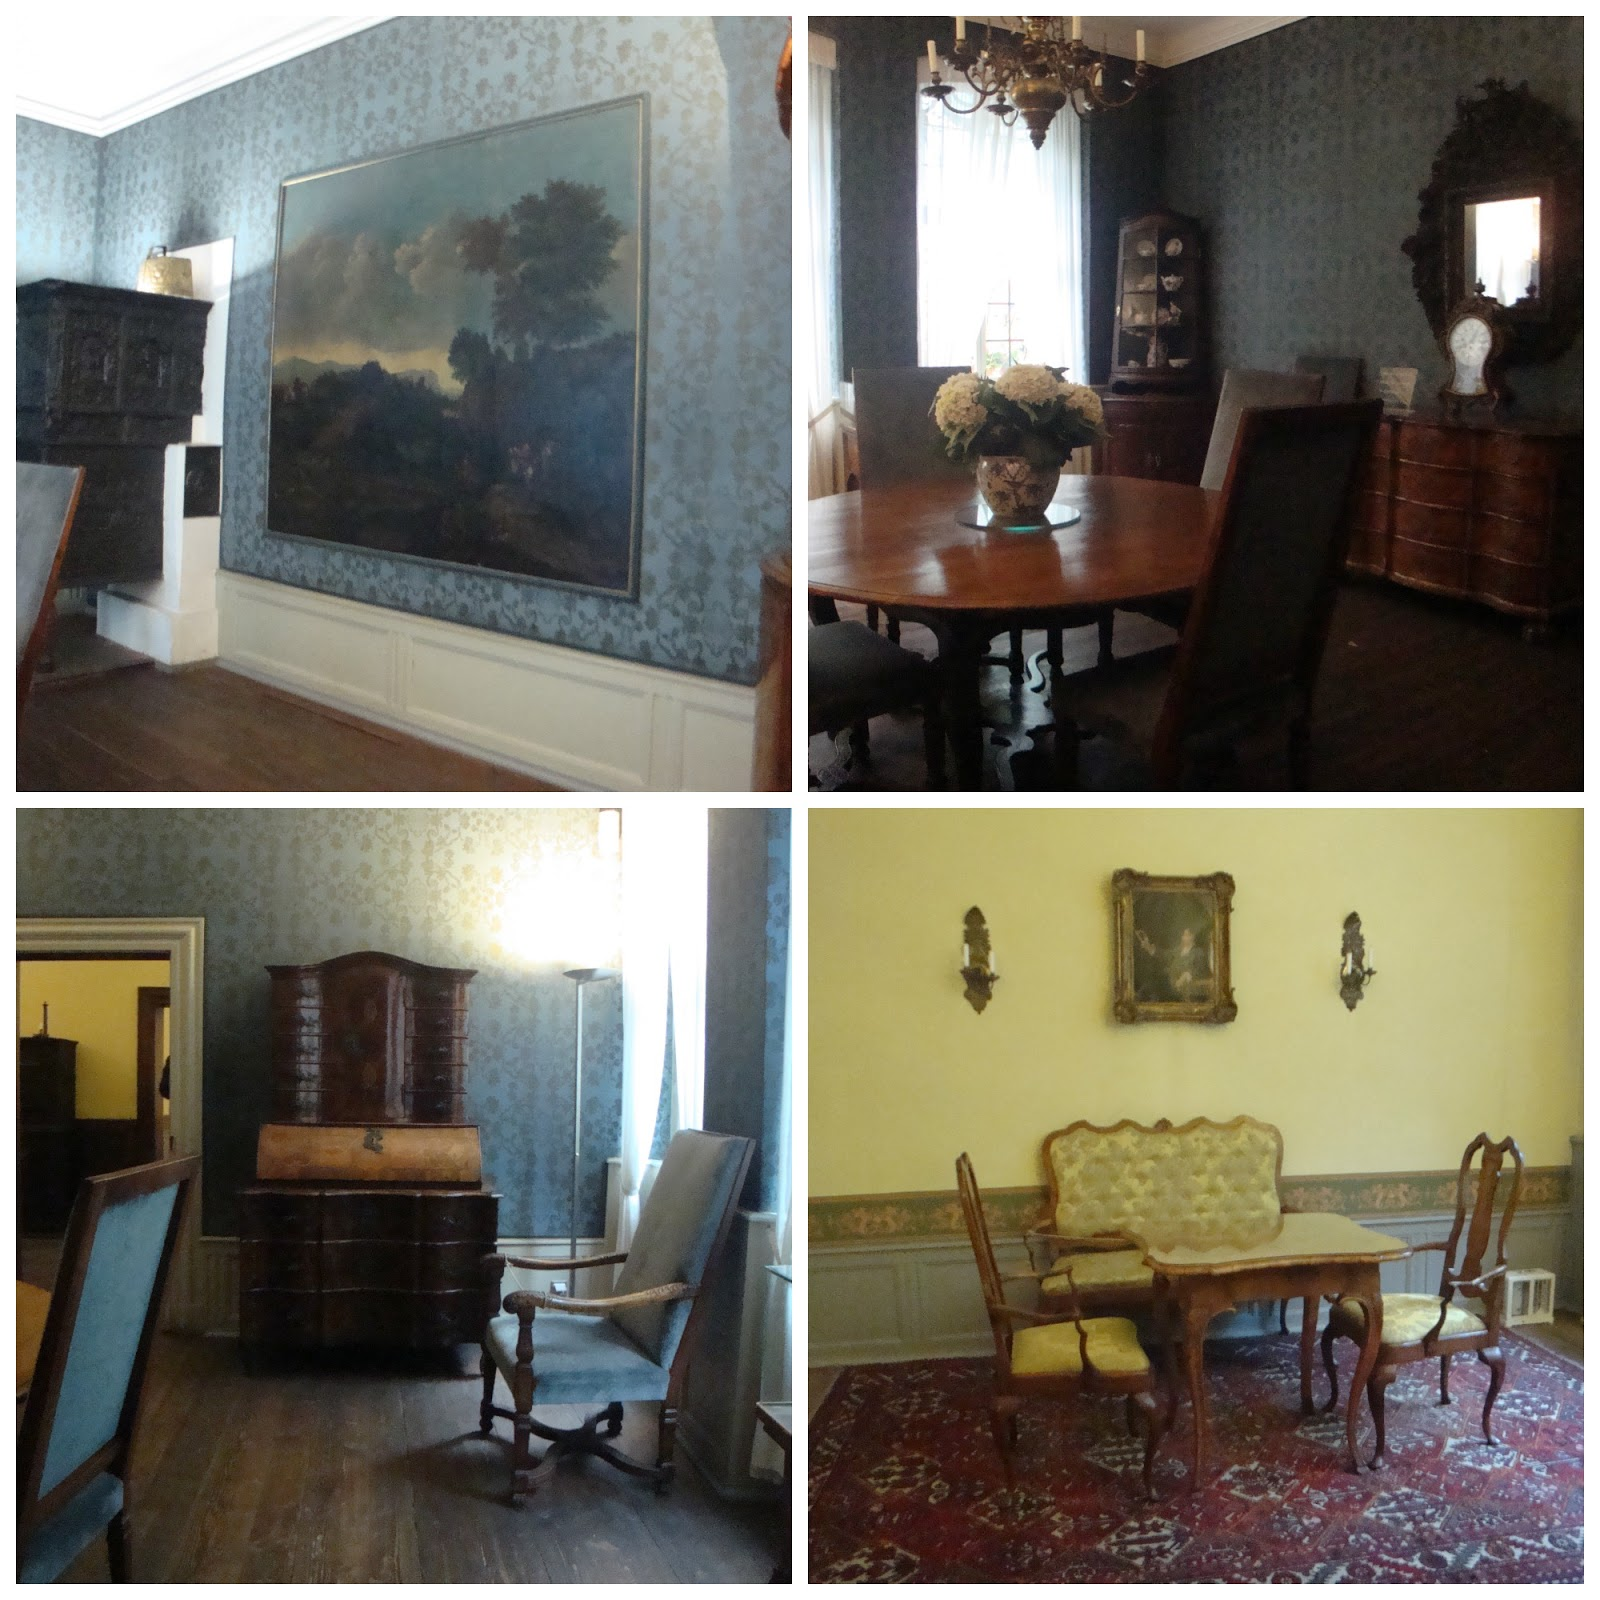 t indo pra onde 4 museus em frankfurt goethe haus st del museum museu hist rico da cidade. Black Bedroom Furniture Sets. Home Design Ideas